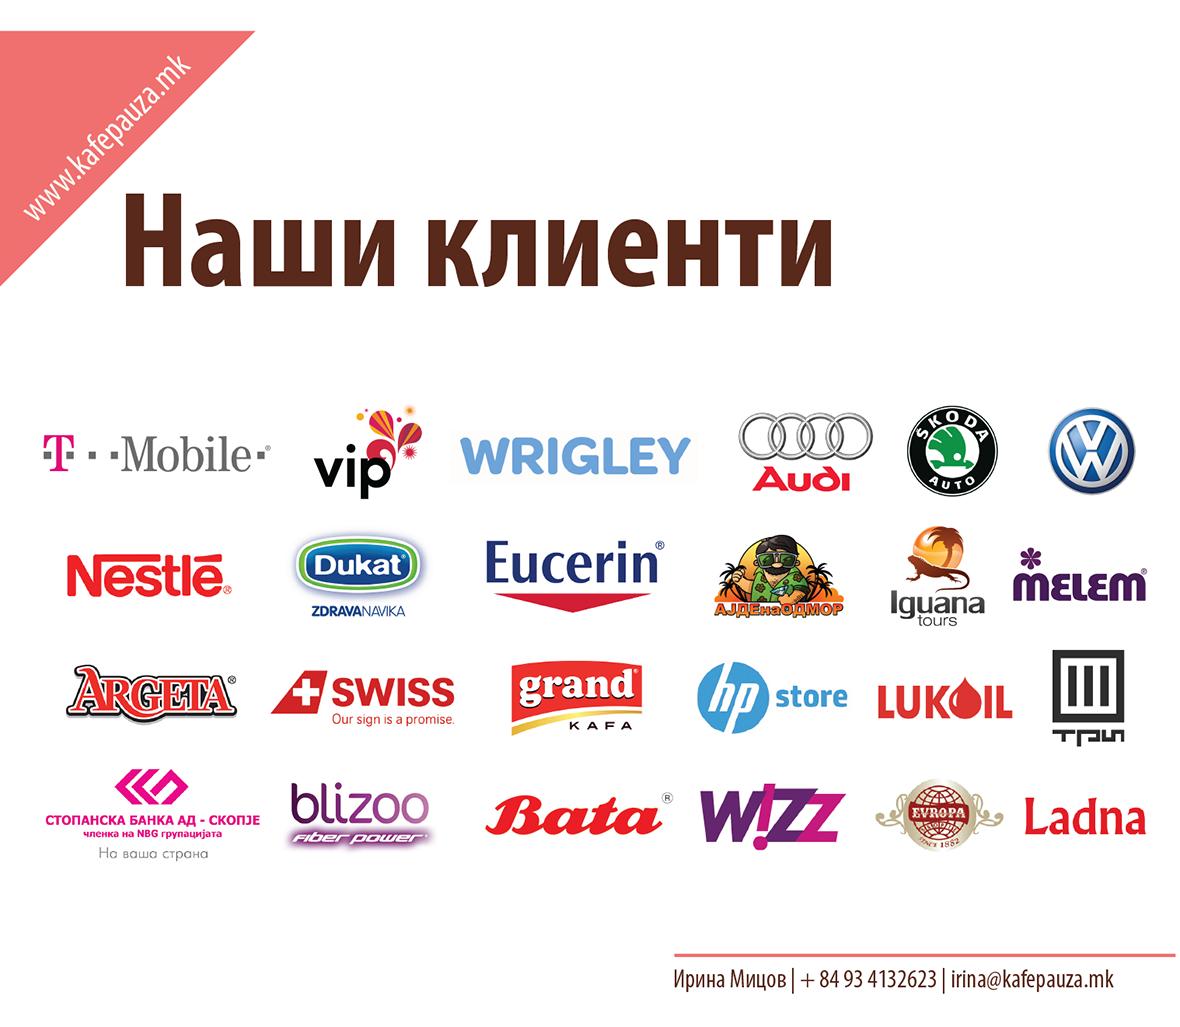 Cenovnik za oglasuvanje-januari-2015-14